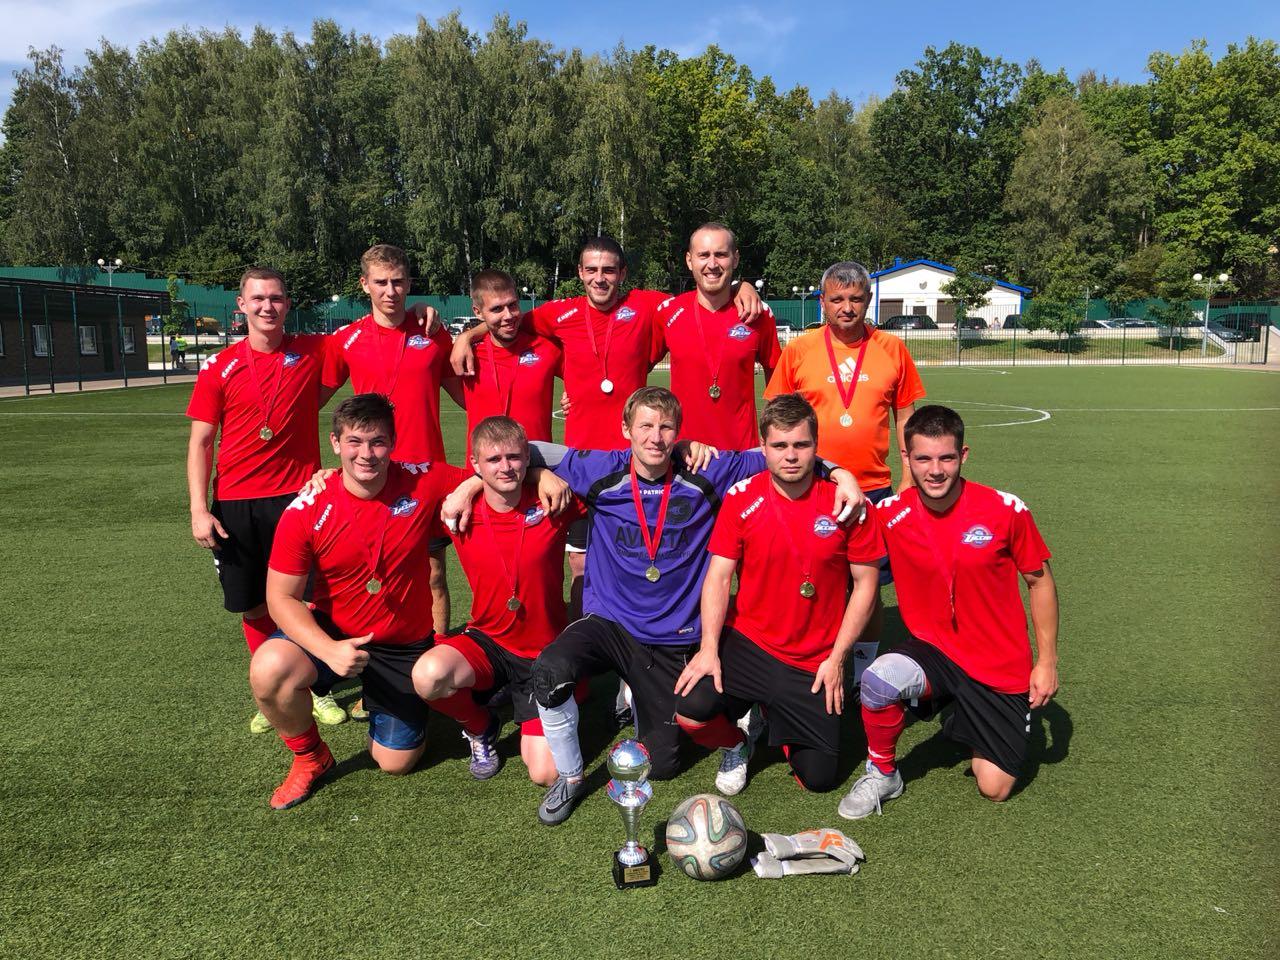 Футболисты из команды «Десна» из Рязановского стали победителями в Окружных отборочных соревнованиях